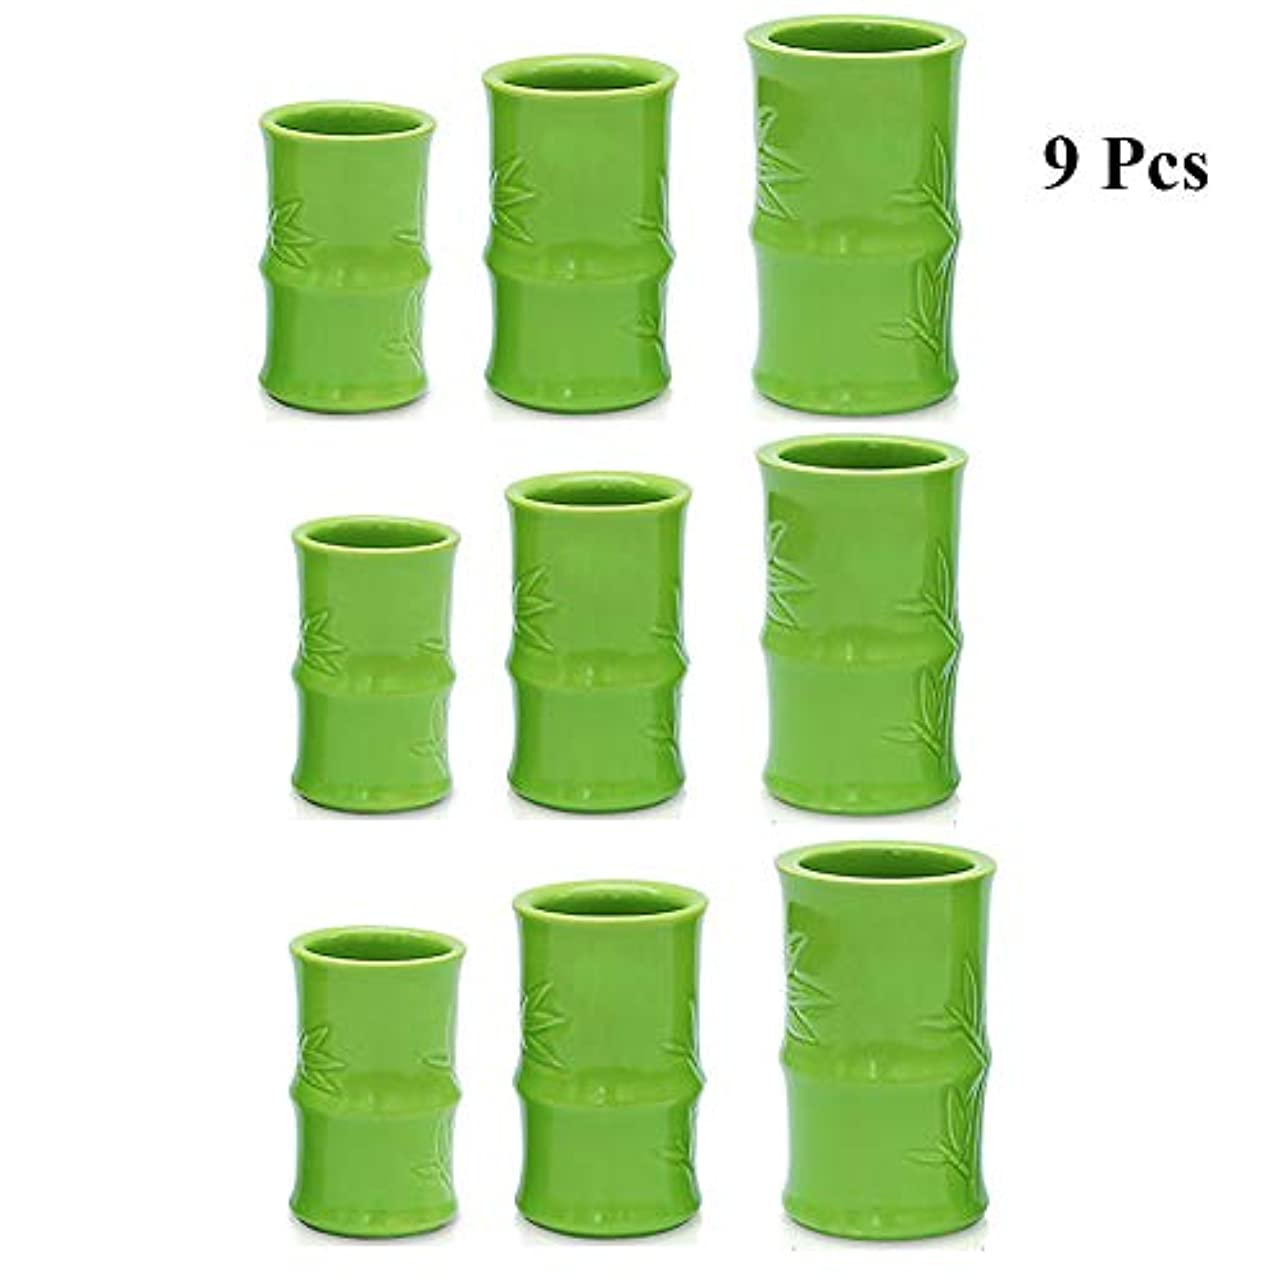 アッティカス伸ばす前提真空カッピングマッサージ缶 - セラミックスポットセラピーセット - 鍼ボディセラピーセット,C9pcs